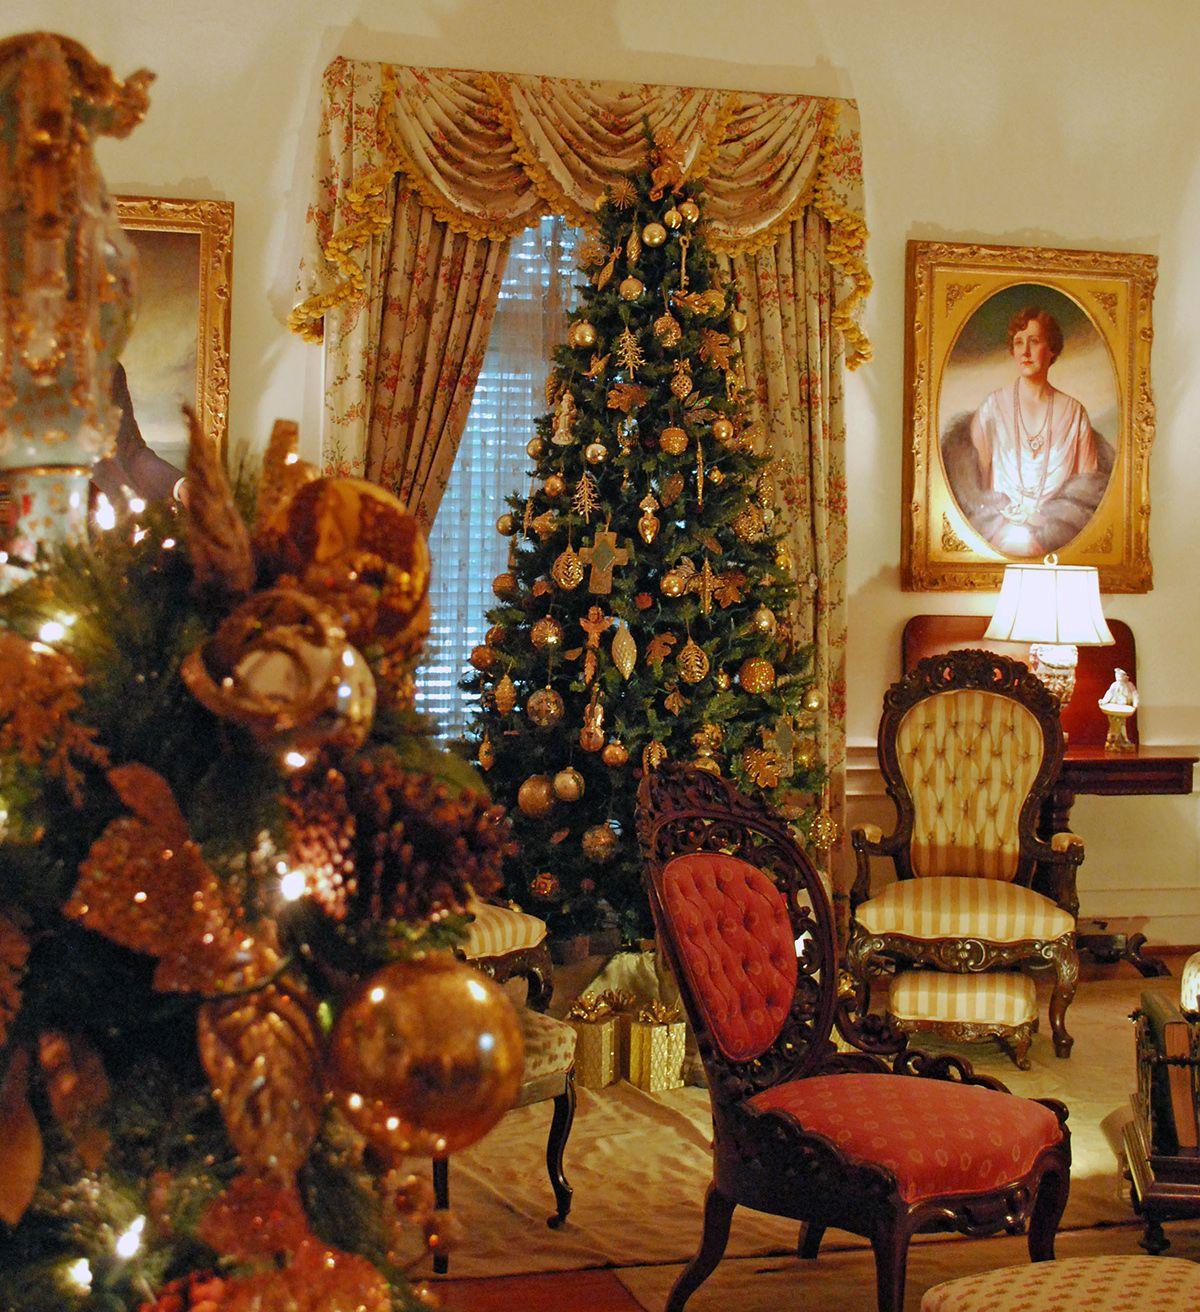 Christmas on the Gulf | Beautiful christmas decorations, Beautiful christmas, Christmas lights